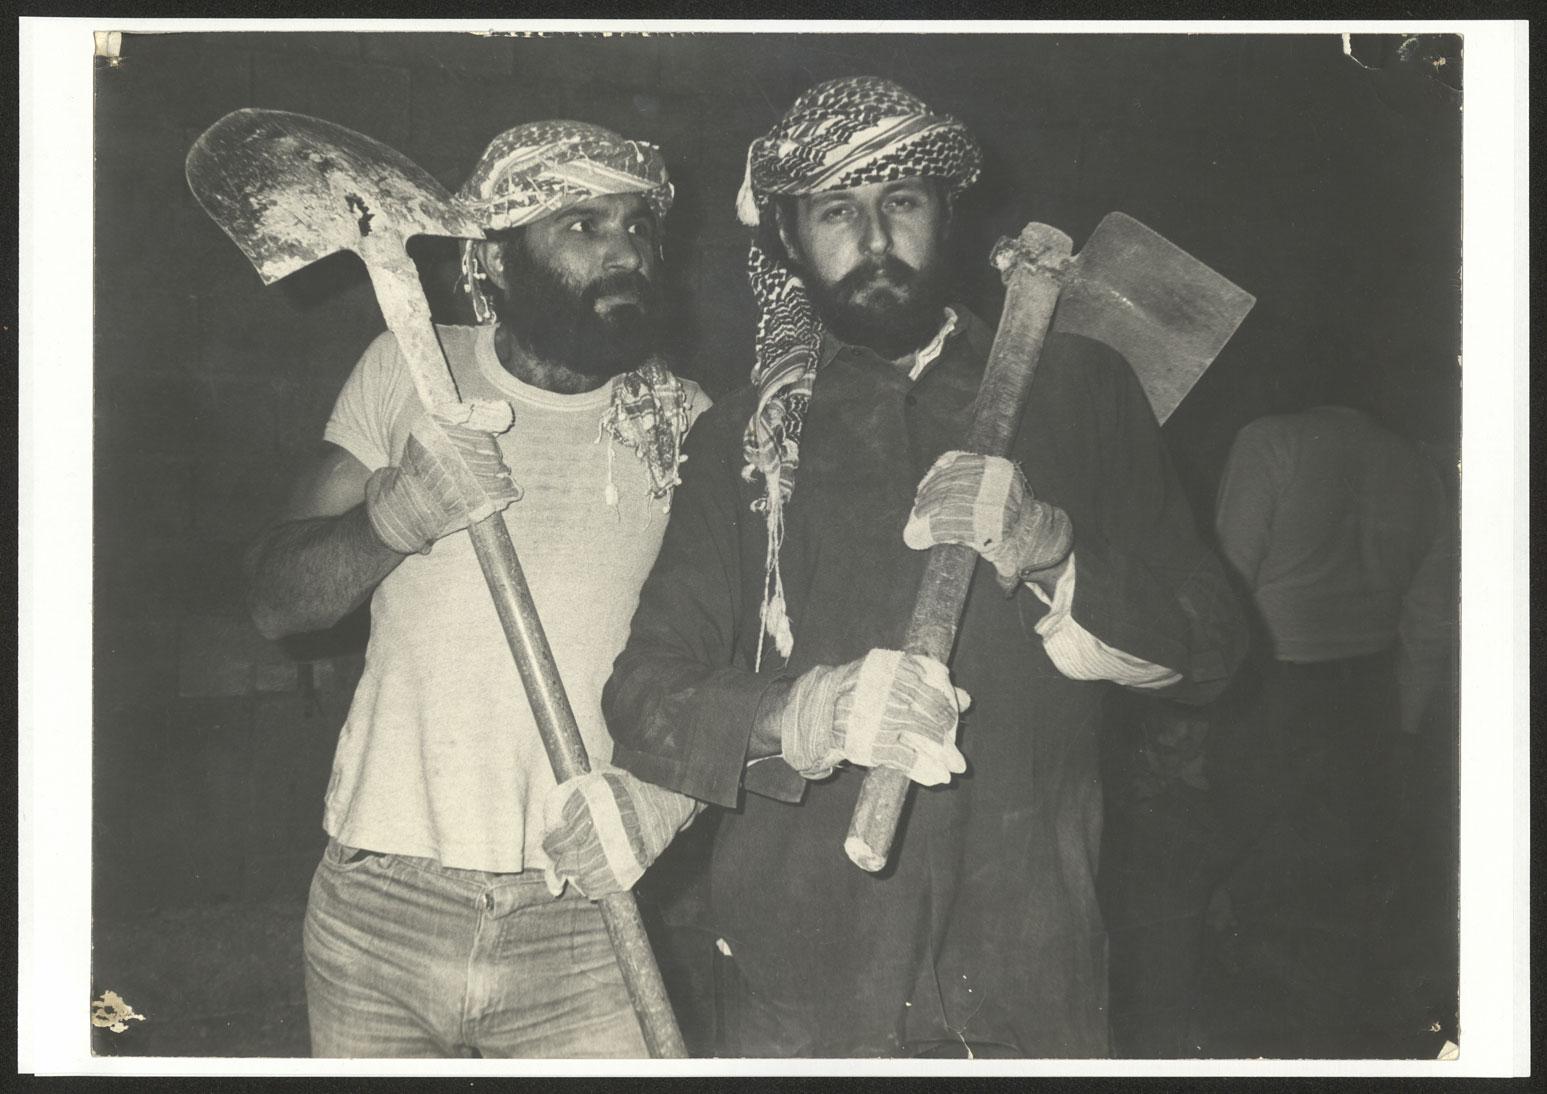 فرانسوا ابو سالم وراضي شحادة من اعضاء فرقة- الحكواتي المؤسسين للمسرح 1983